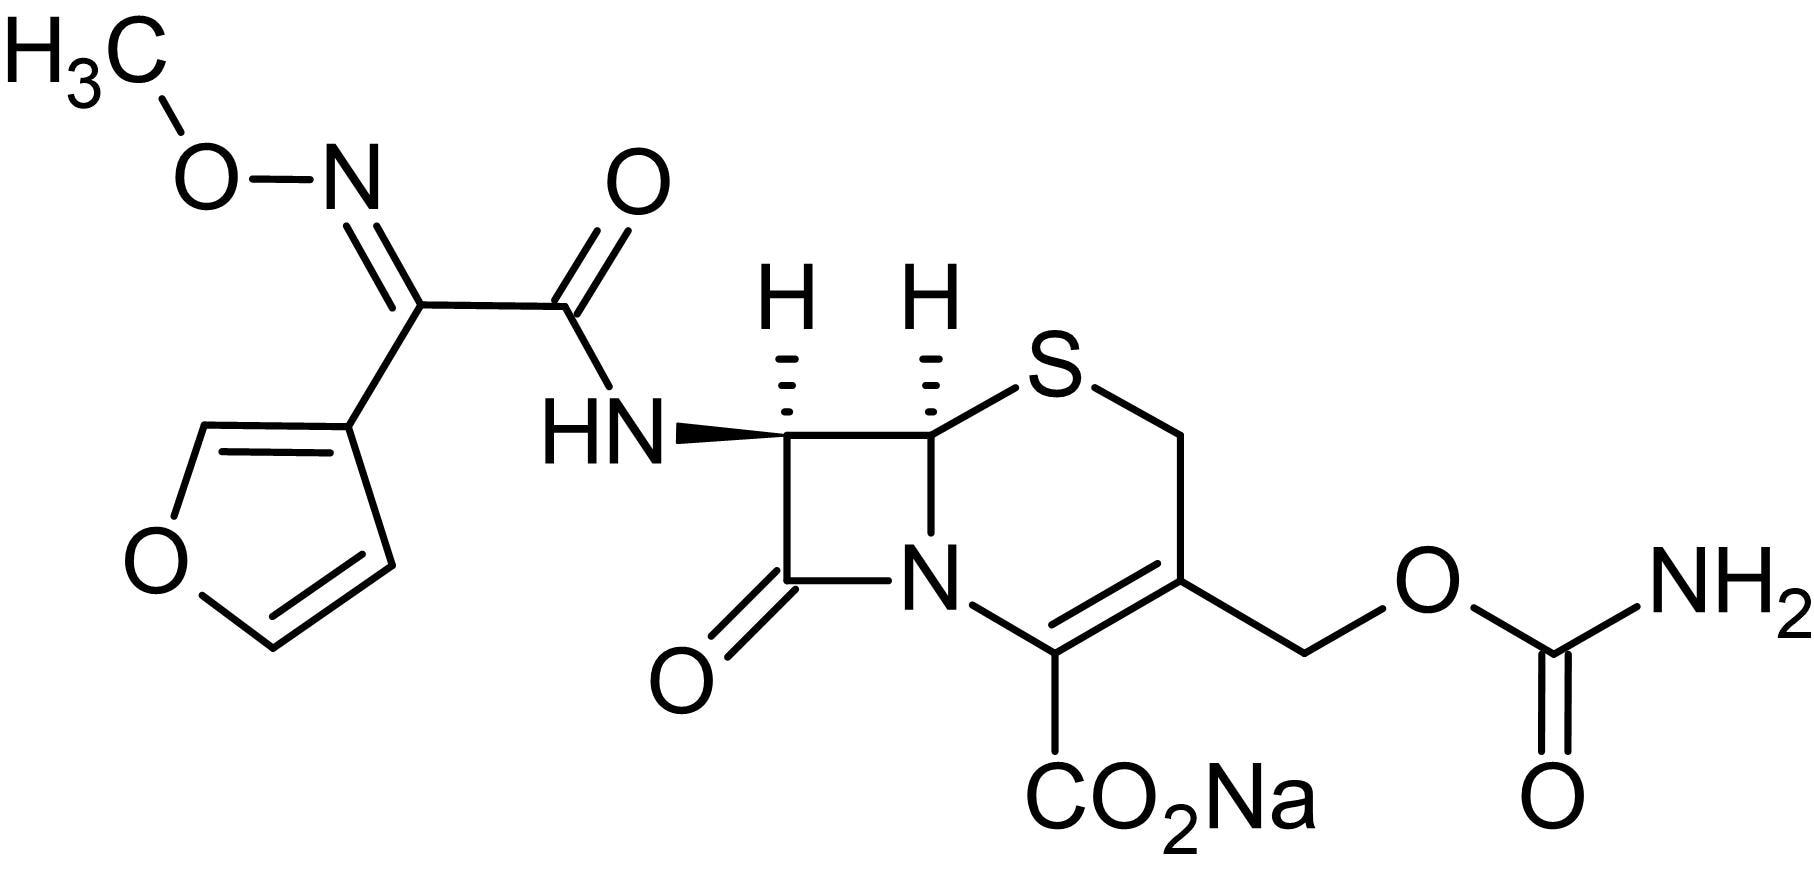 Chemical Structure - Cefuroxime sodium salt, cephalosporin antibiotic (ab143377)